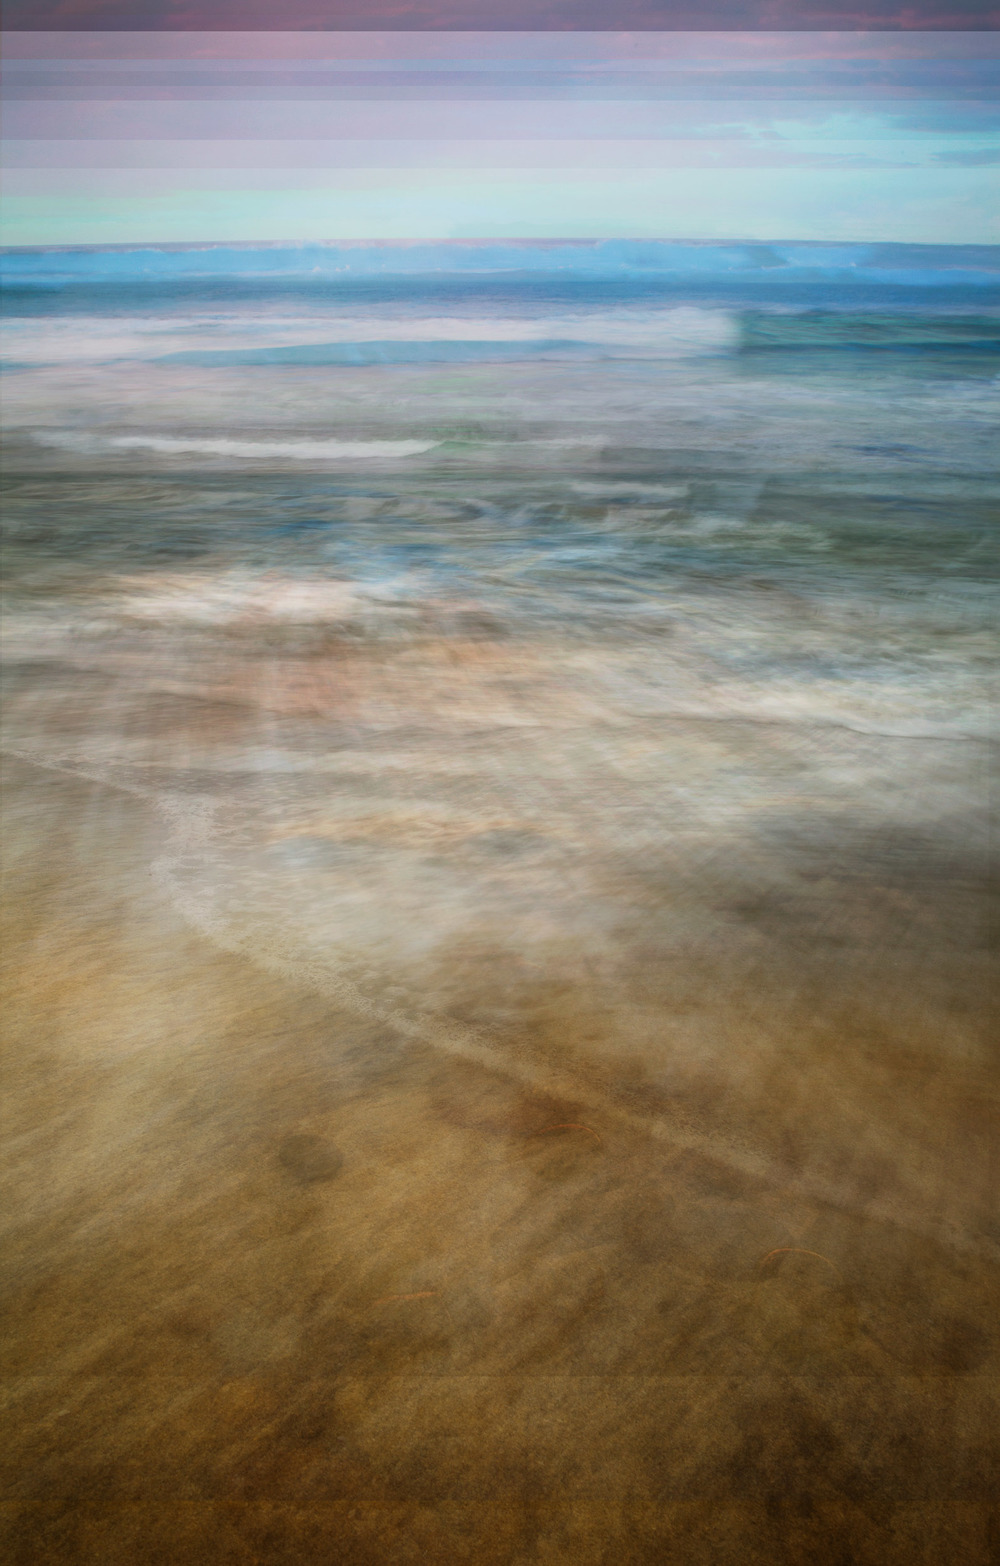 Shore (2013)